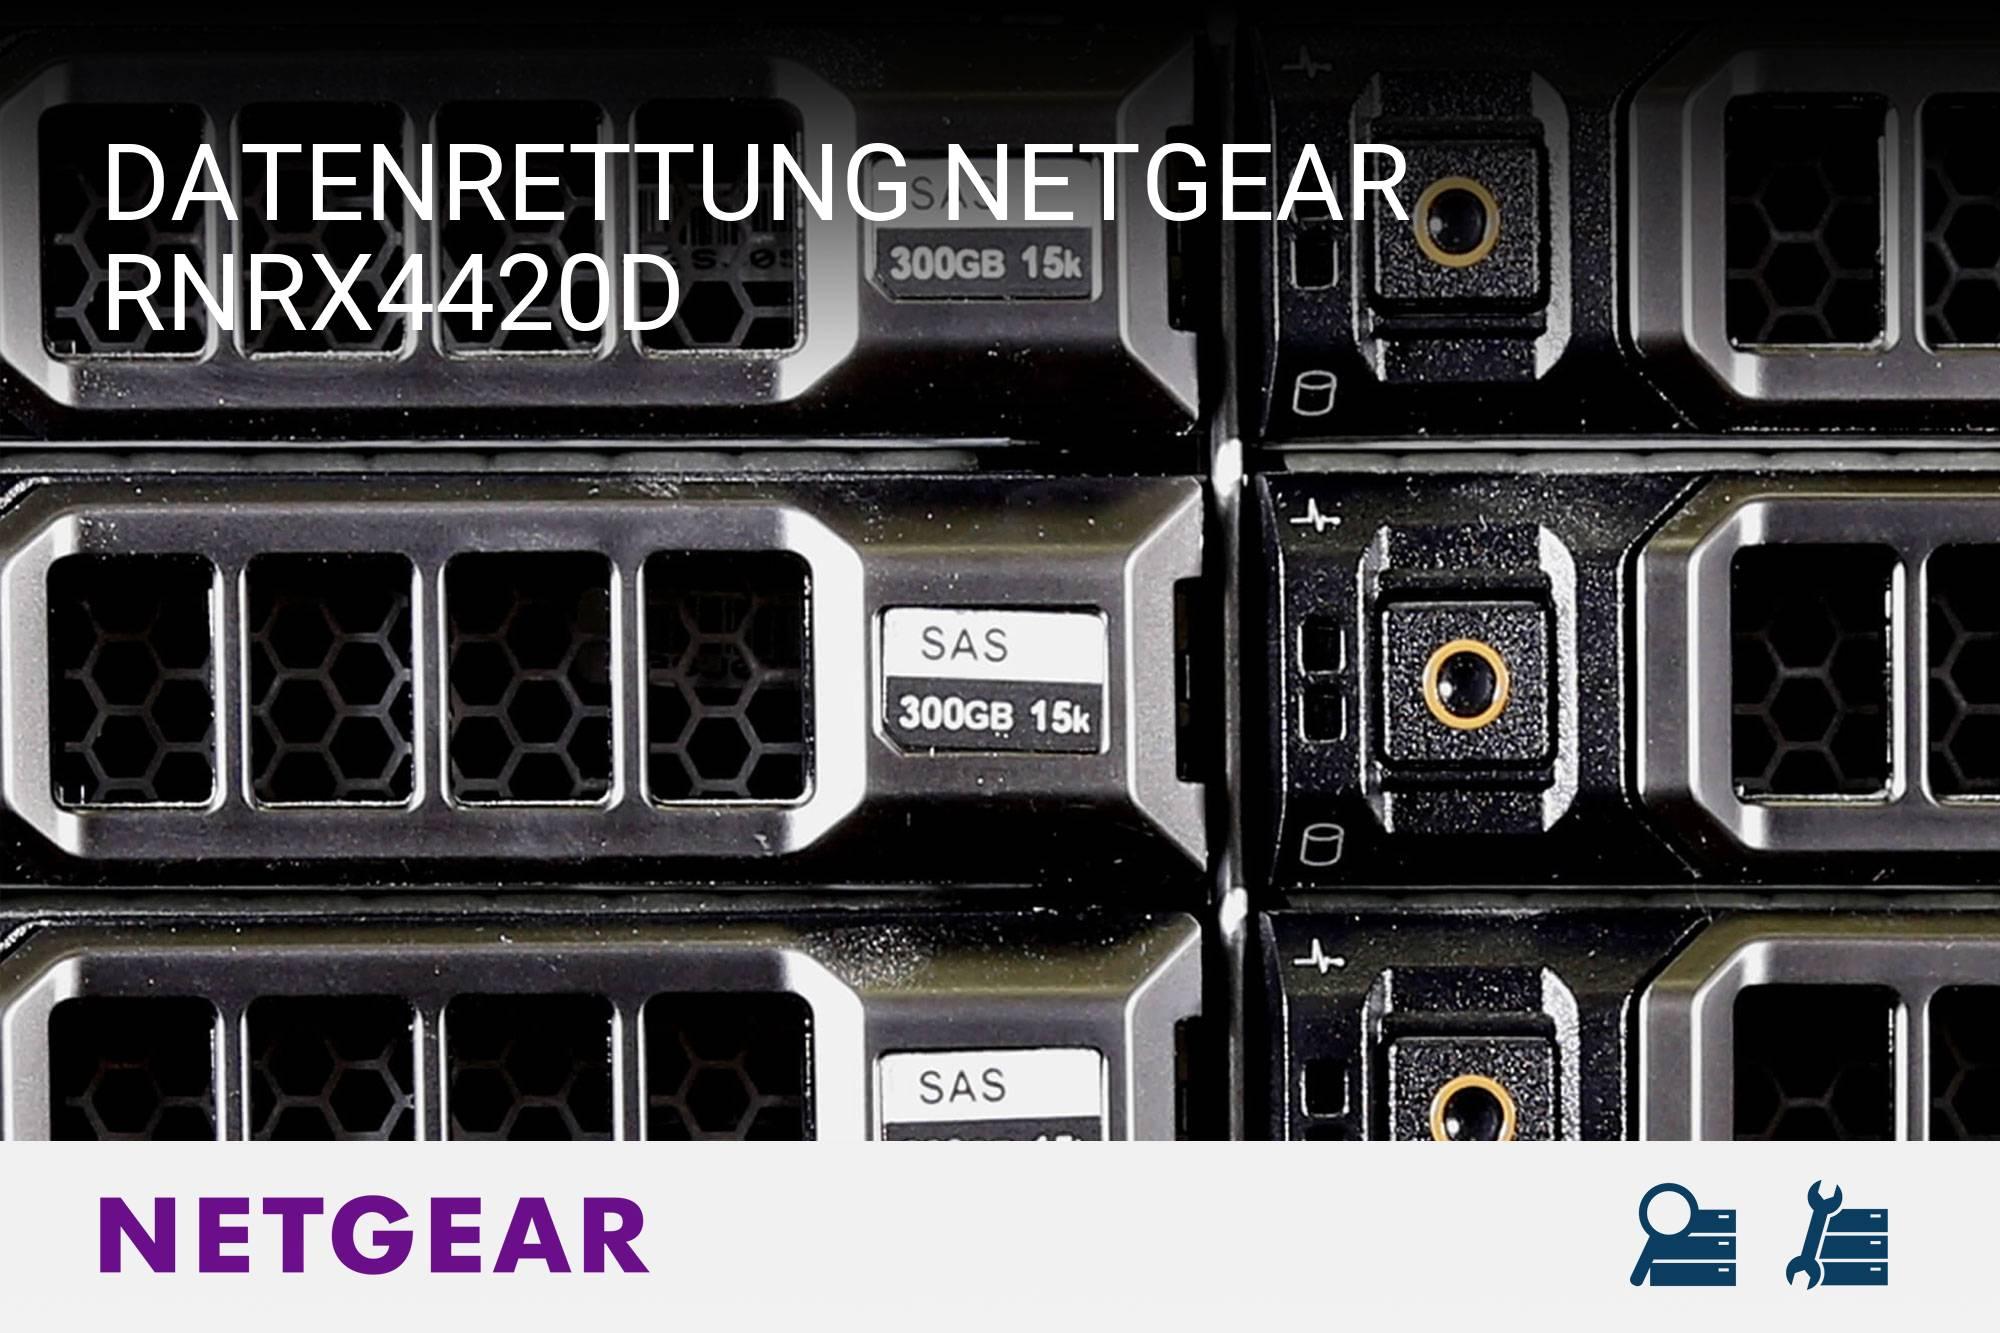 Netgear RNRX4420D